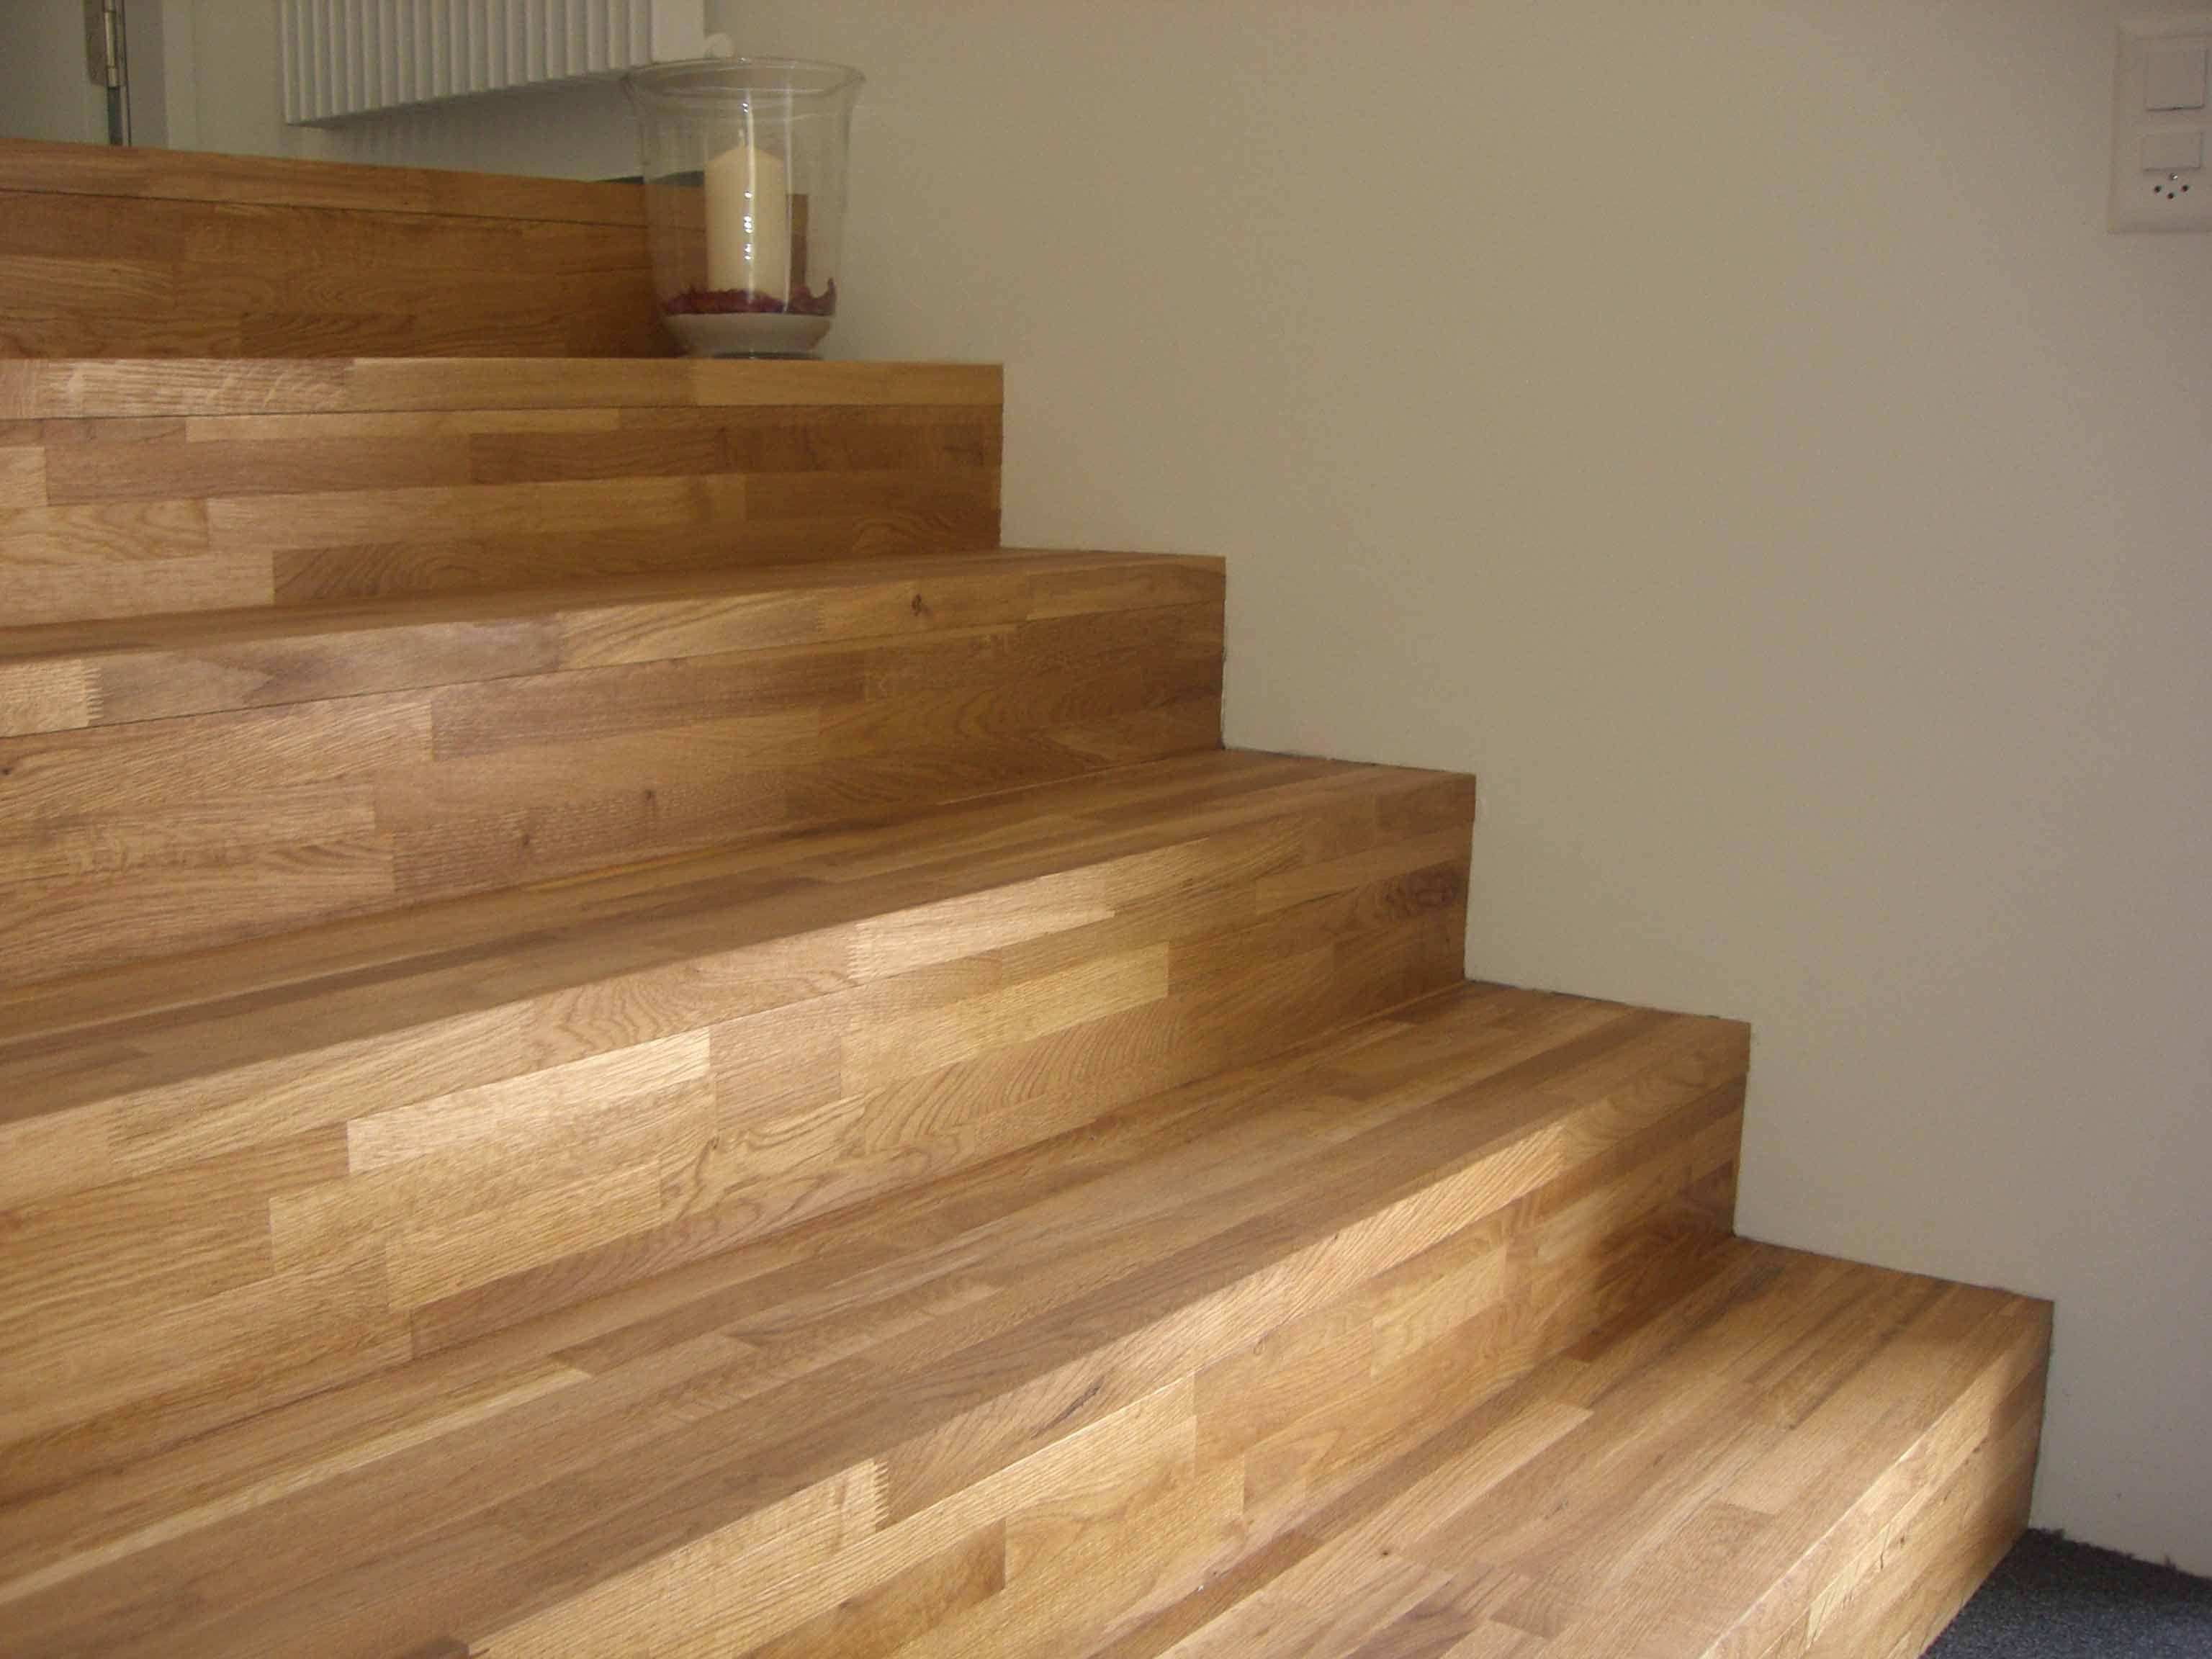 die besten 25 treppe verkleiden ideen auf pinterest treppen bauen stufen bauen und treppenstufen. Black Bedroom Furniture Sets. Home Design Ideas